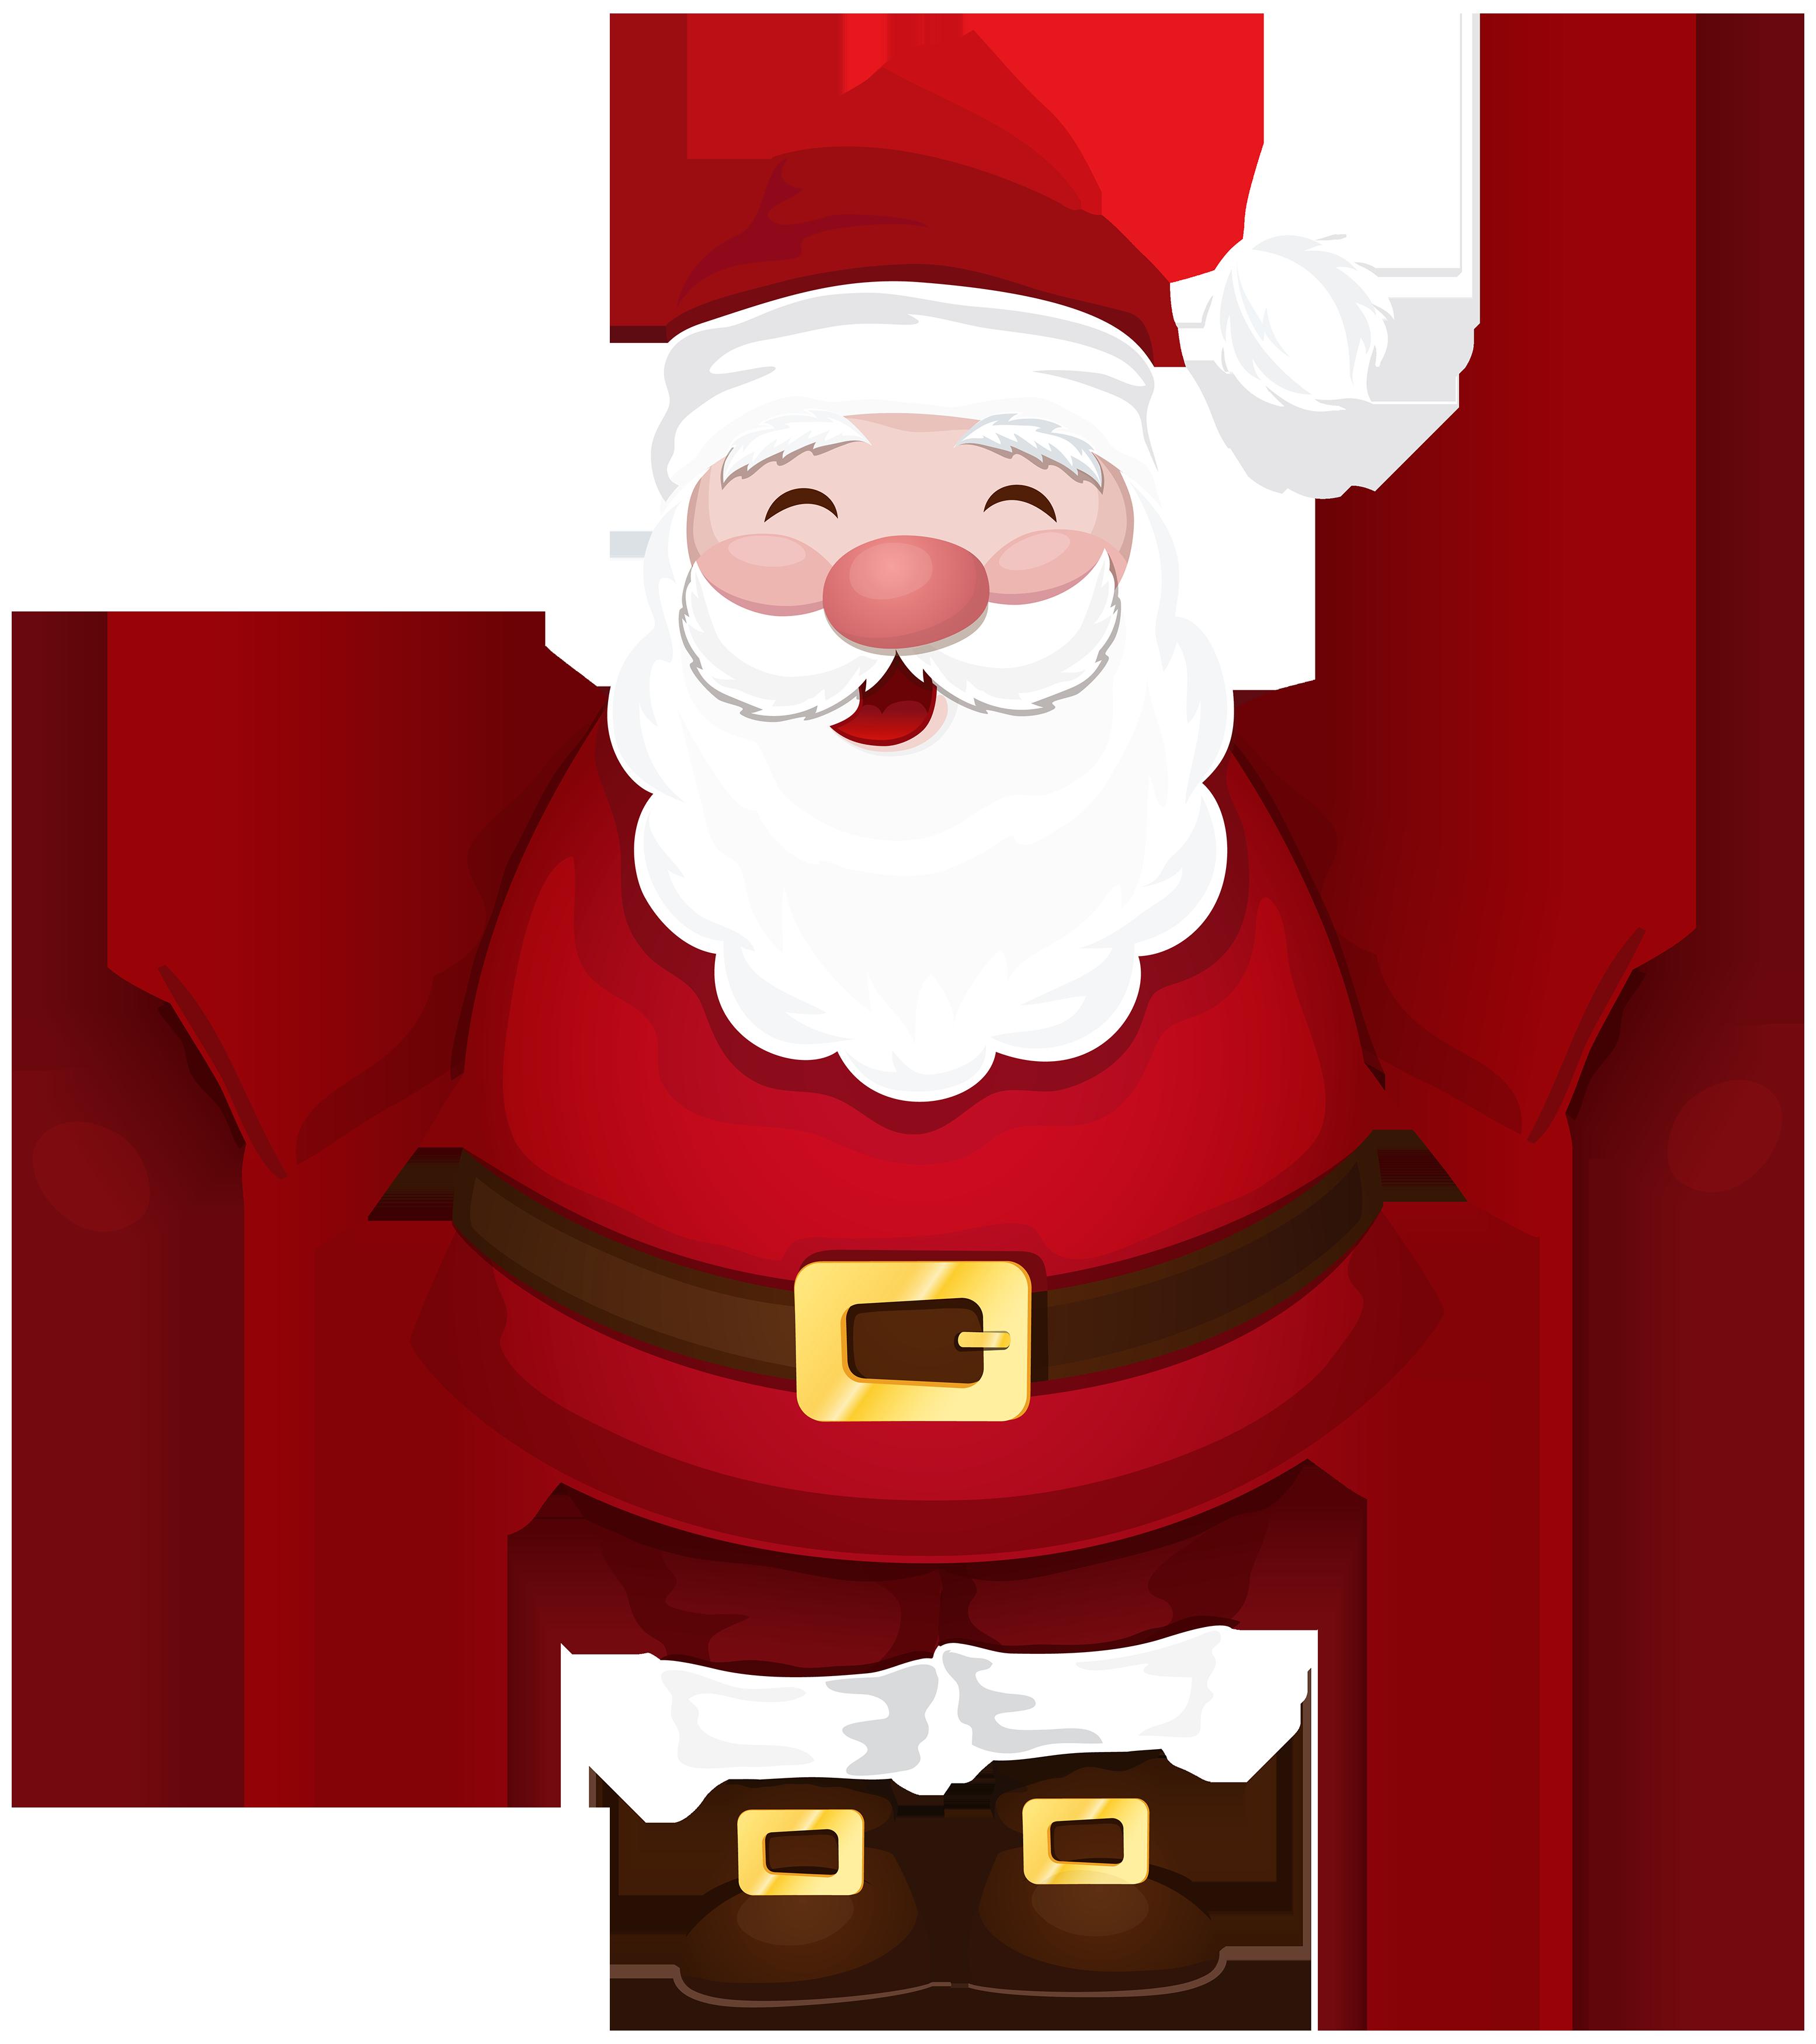 Santa claus image clipart png stock Santa Claus PNG images free download, Santa Claus PNG png stock